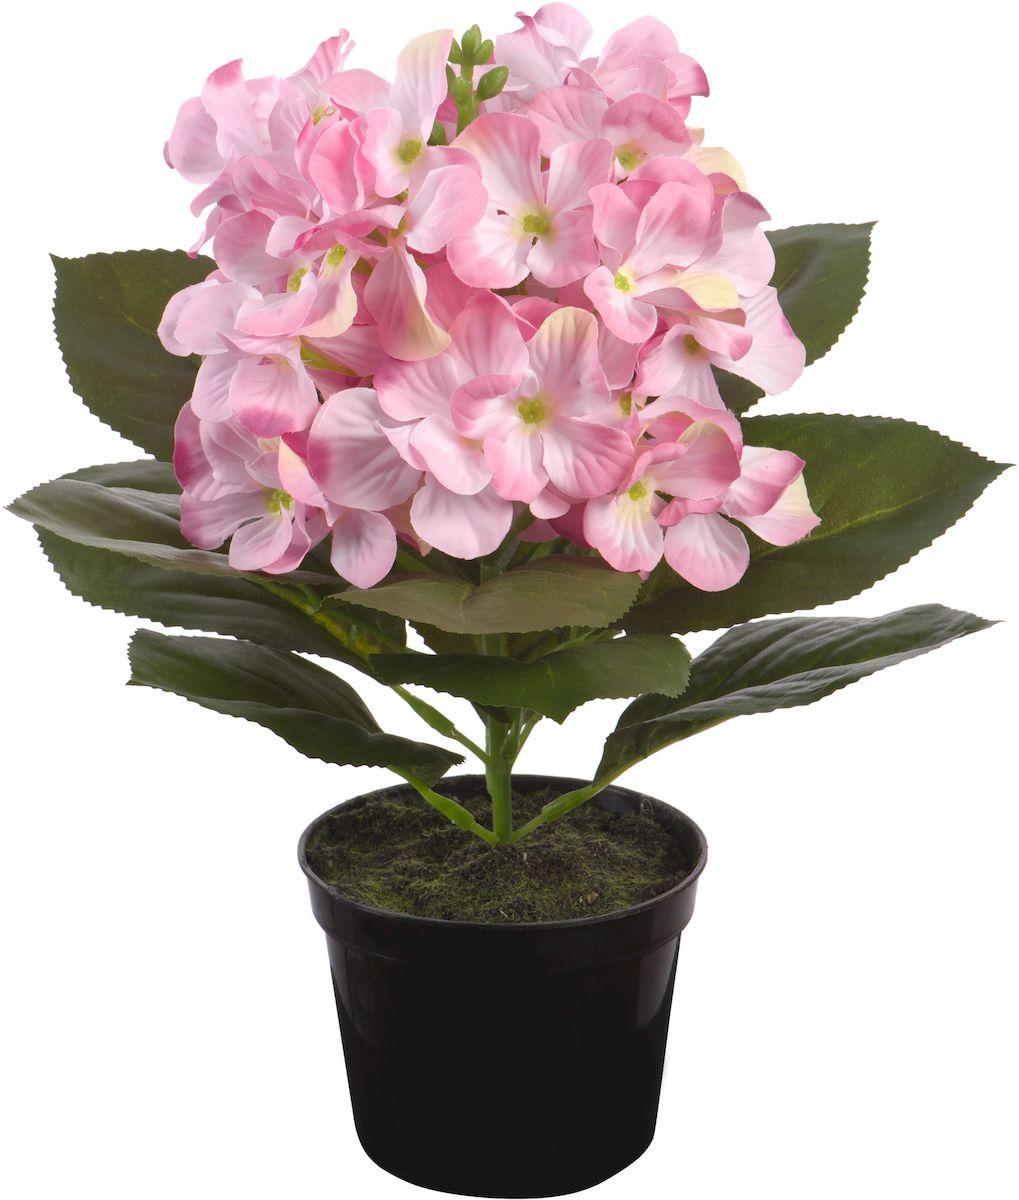 Цветы декоративные Engard Гортензия, в цветочном горшке, высота 28 смYW-28Декоративные цветы Engard - это популярное дизайнерское решение для создания природного колорита и гармонии в пространстве. Искусственная гортензия нежно-розового цвета, высотой 28 см, выполнена из высококачественного материала, передающего неповторимую естественность, является достойной альтернативой живым цветам. Не требует постоянного ухода.